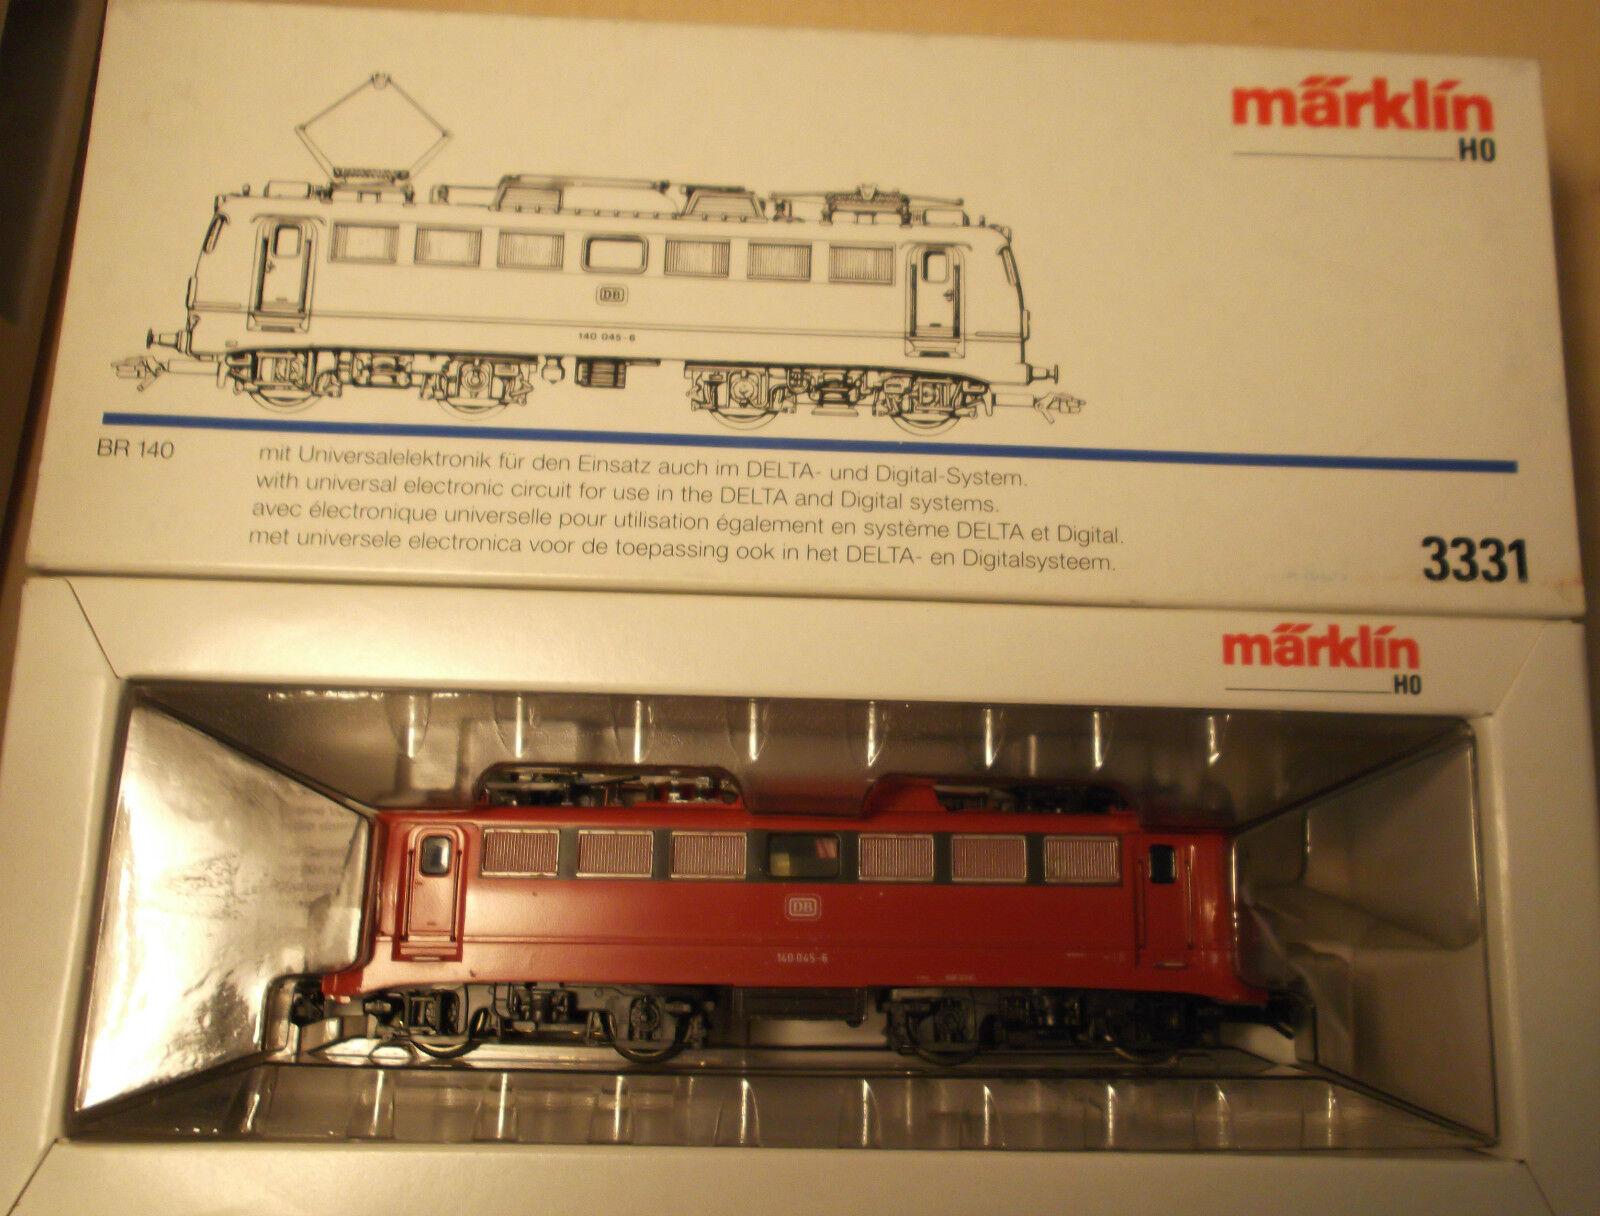 MÄRKLIN MÄRKLIN MÄRKLIN H0 3331 Elektrolokomotive Baureihe 140 der DB mit Universalelektronik  | Hohe Qualität  925b6c